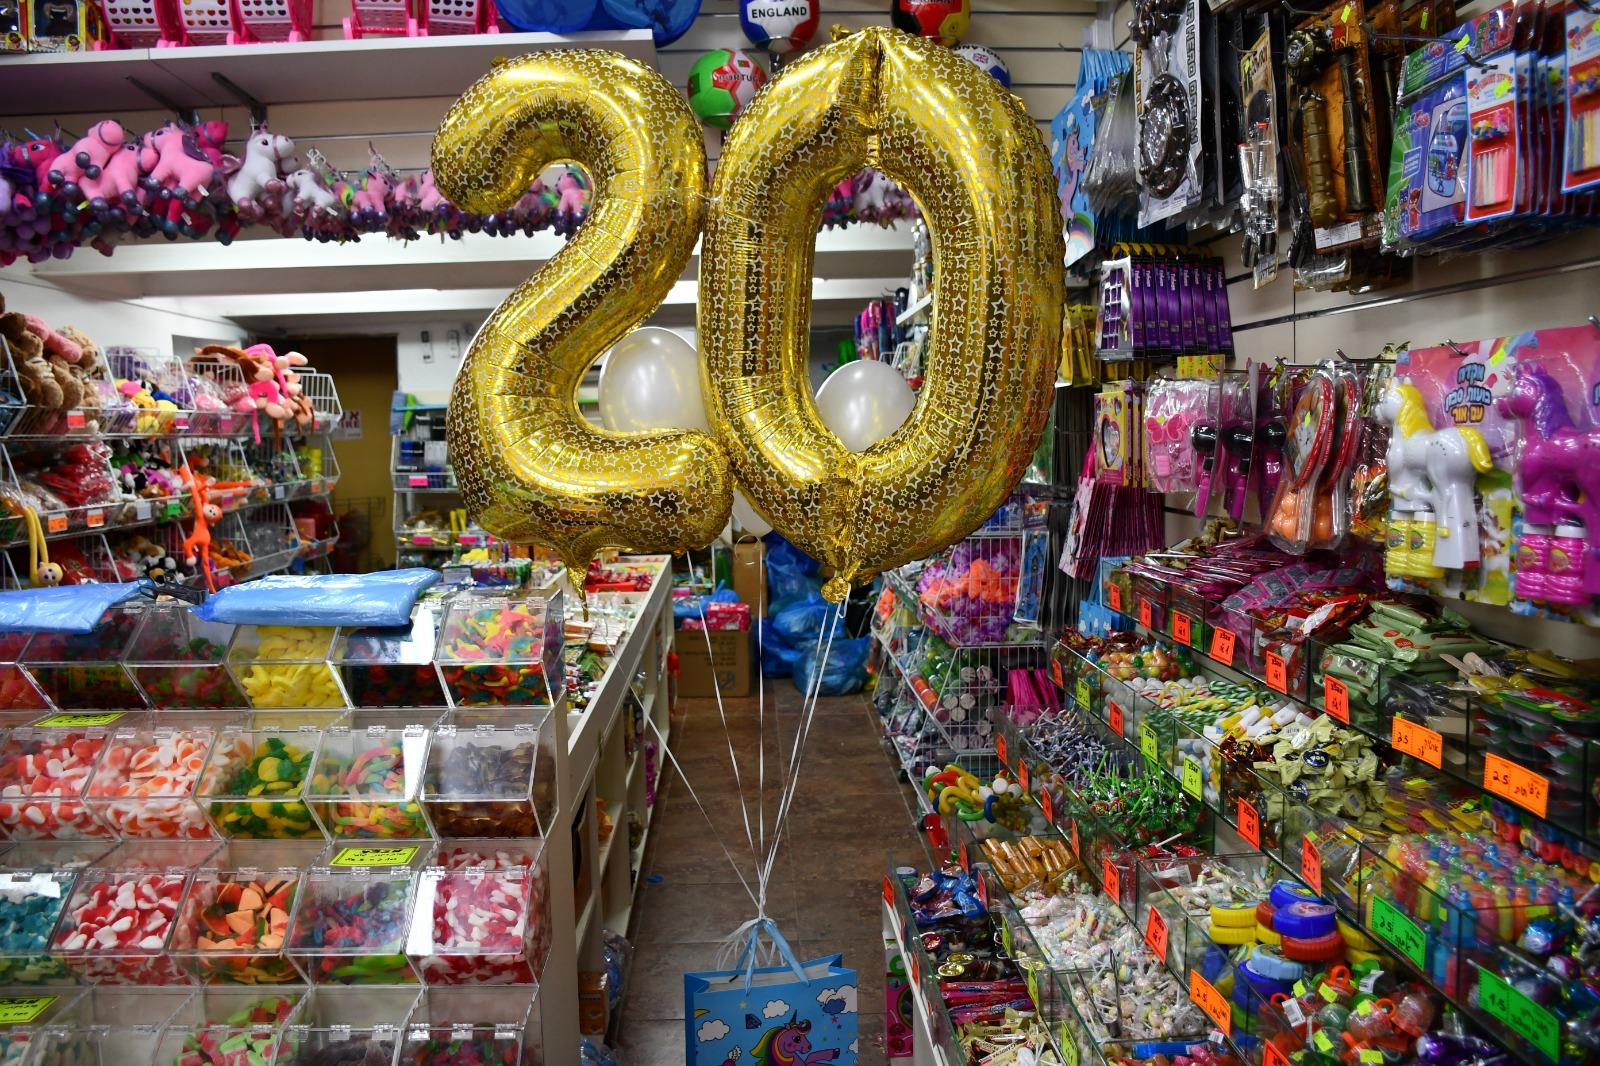 حلويات وهدايا للمناسبات وأعياد الميلاد بأسعار مميزة لدى محل واحد وعشرين شيكل بيافا